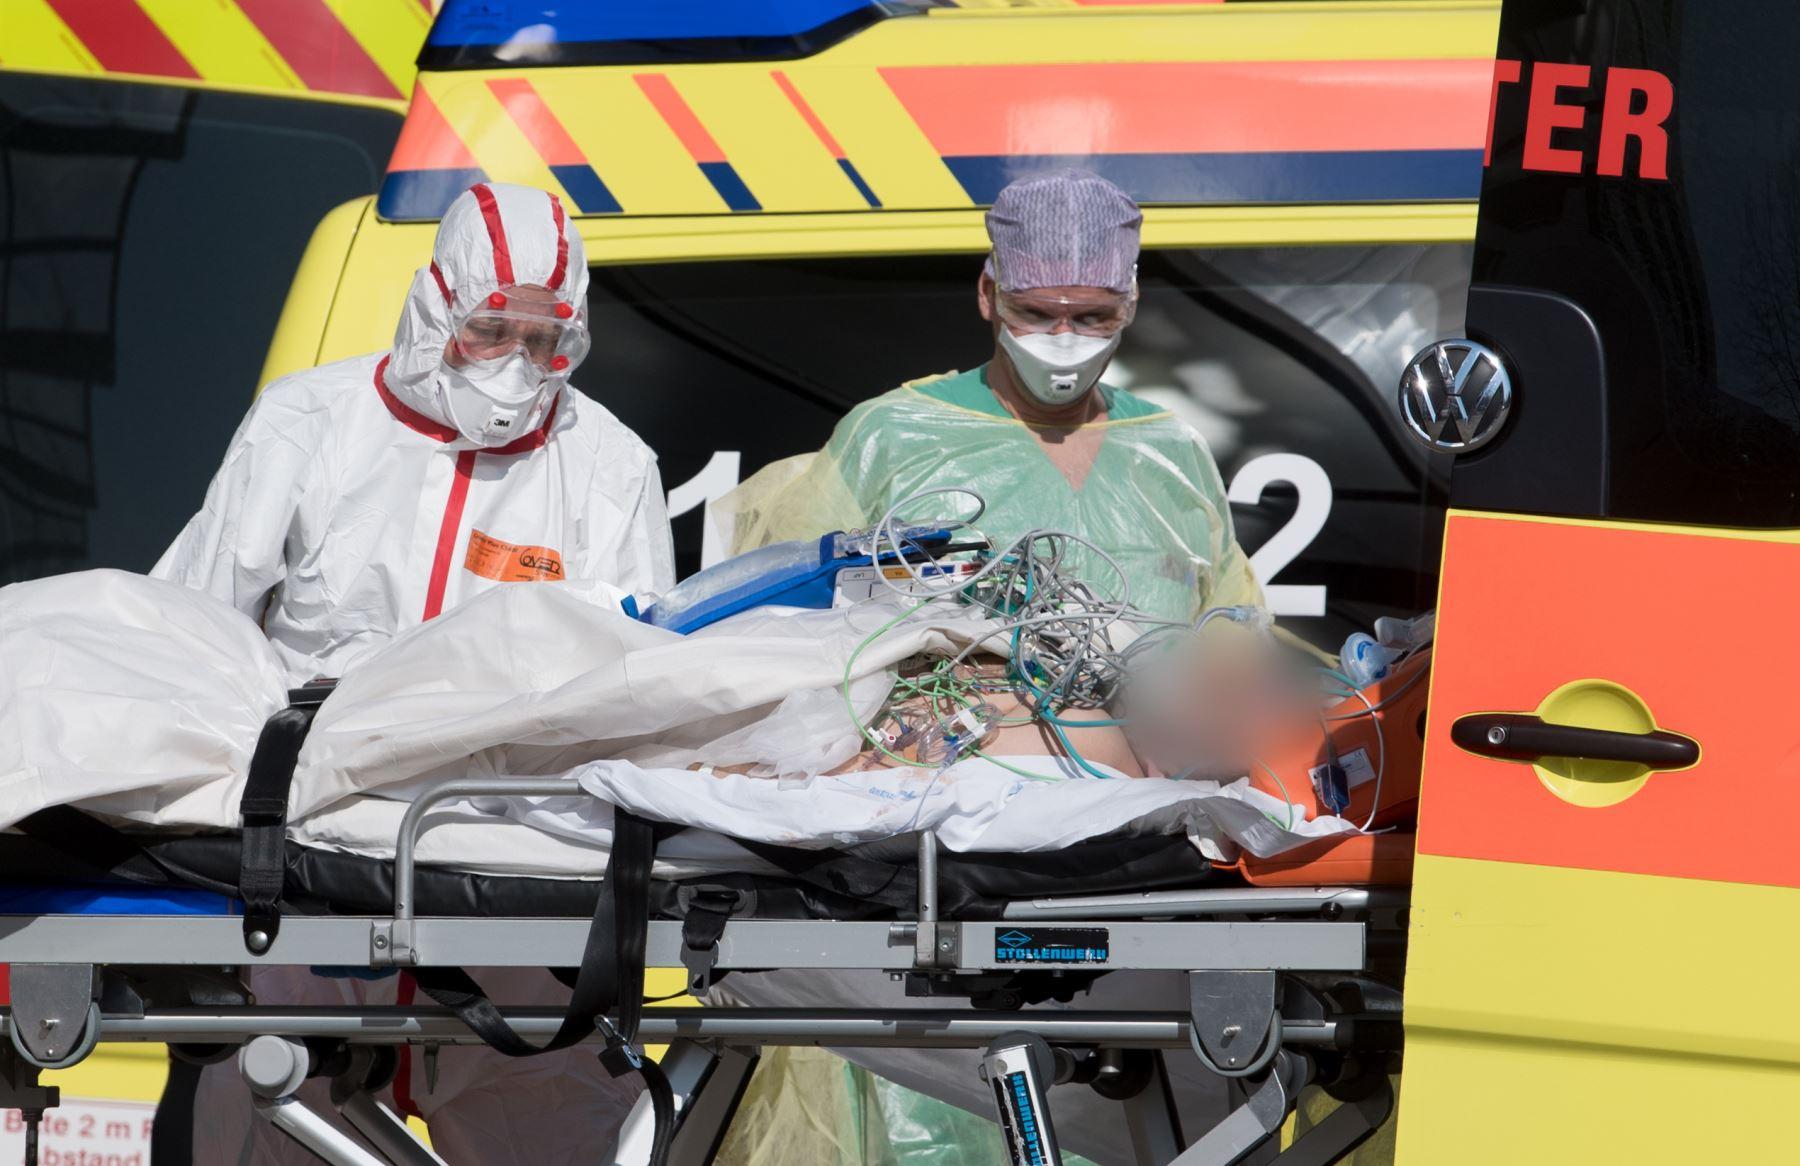 Las enferemeras Daniela Trezzi de 34 años y Silvia Luchetta de 49 años, acabaron con su vida luego de saberse contagiadas por el coronavirus. Foto: AFP